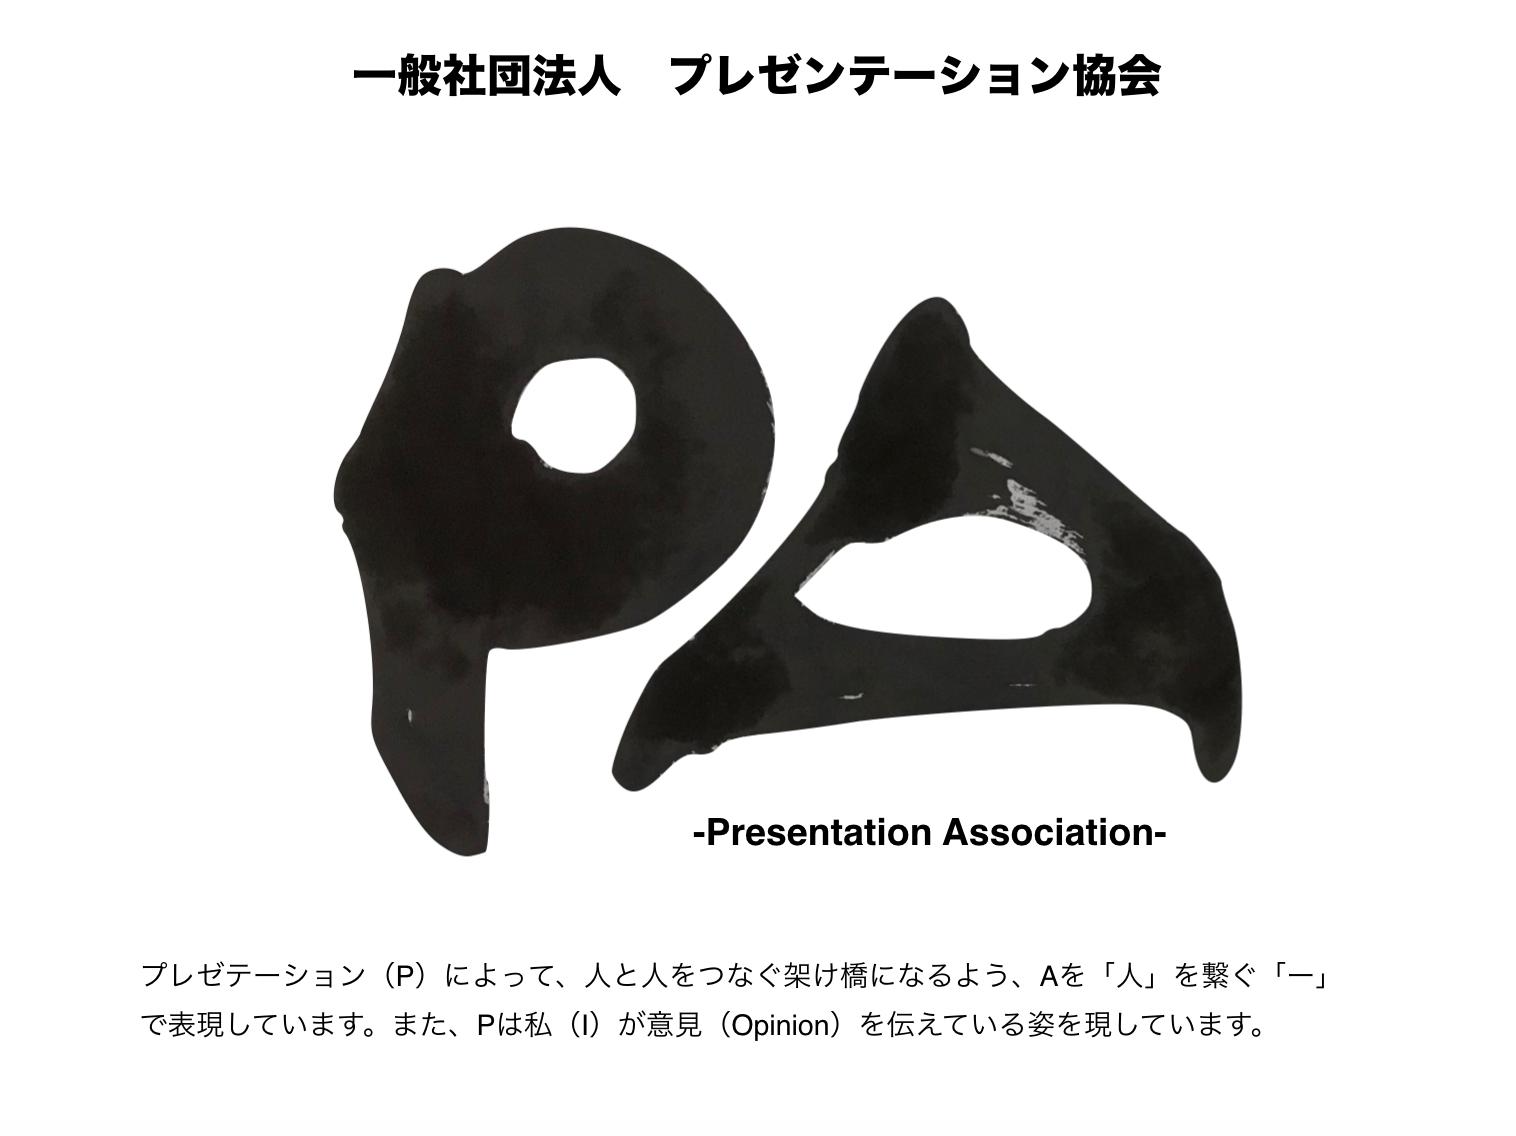 これからのビジネスにはプレゼン力が必要!日本のプレゼン力の底上げを目指す「プレゼンテーション協会が始動」 4番目の画像